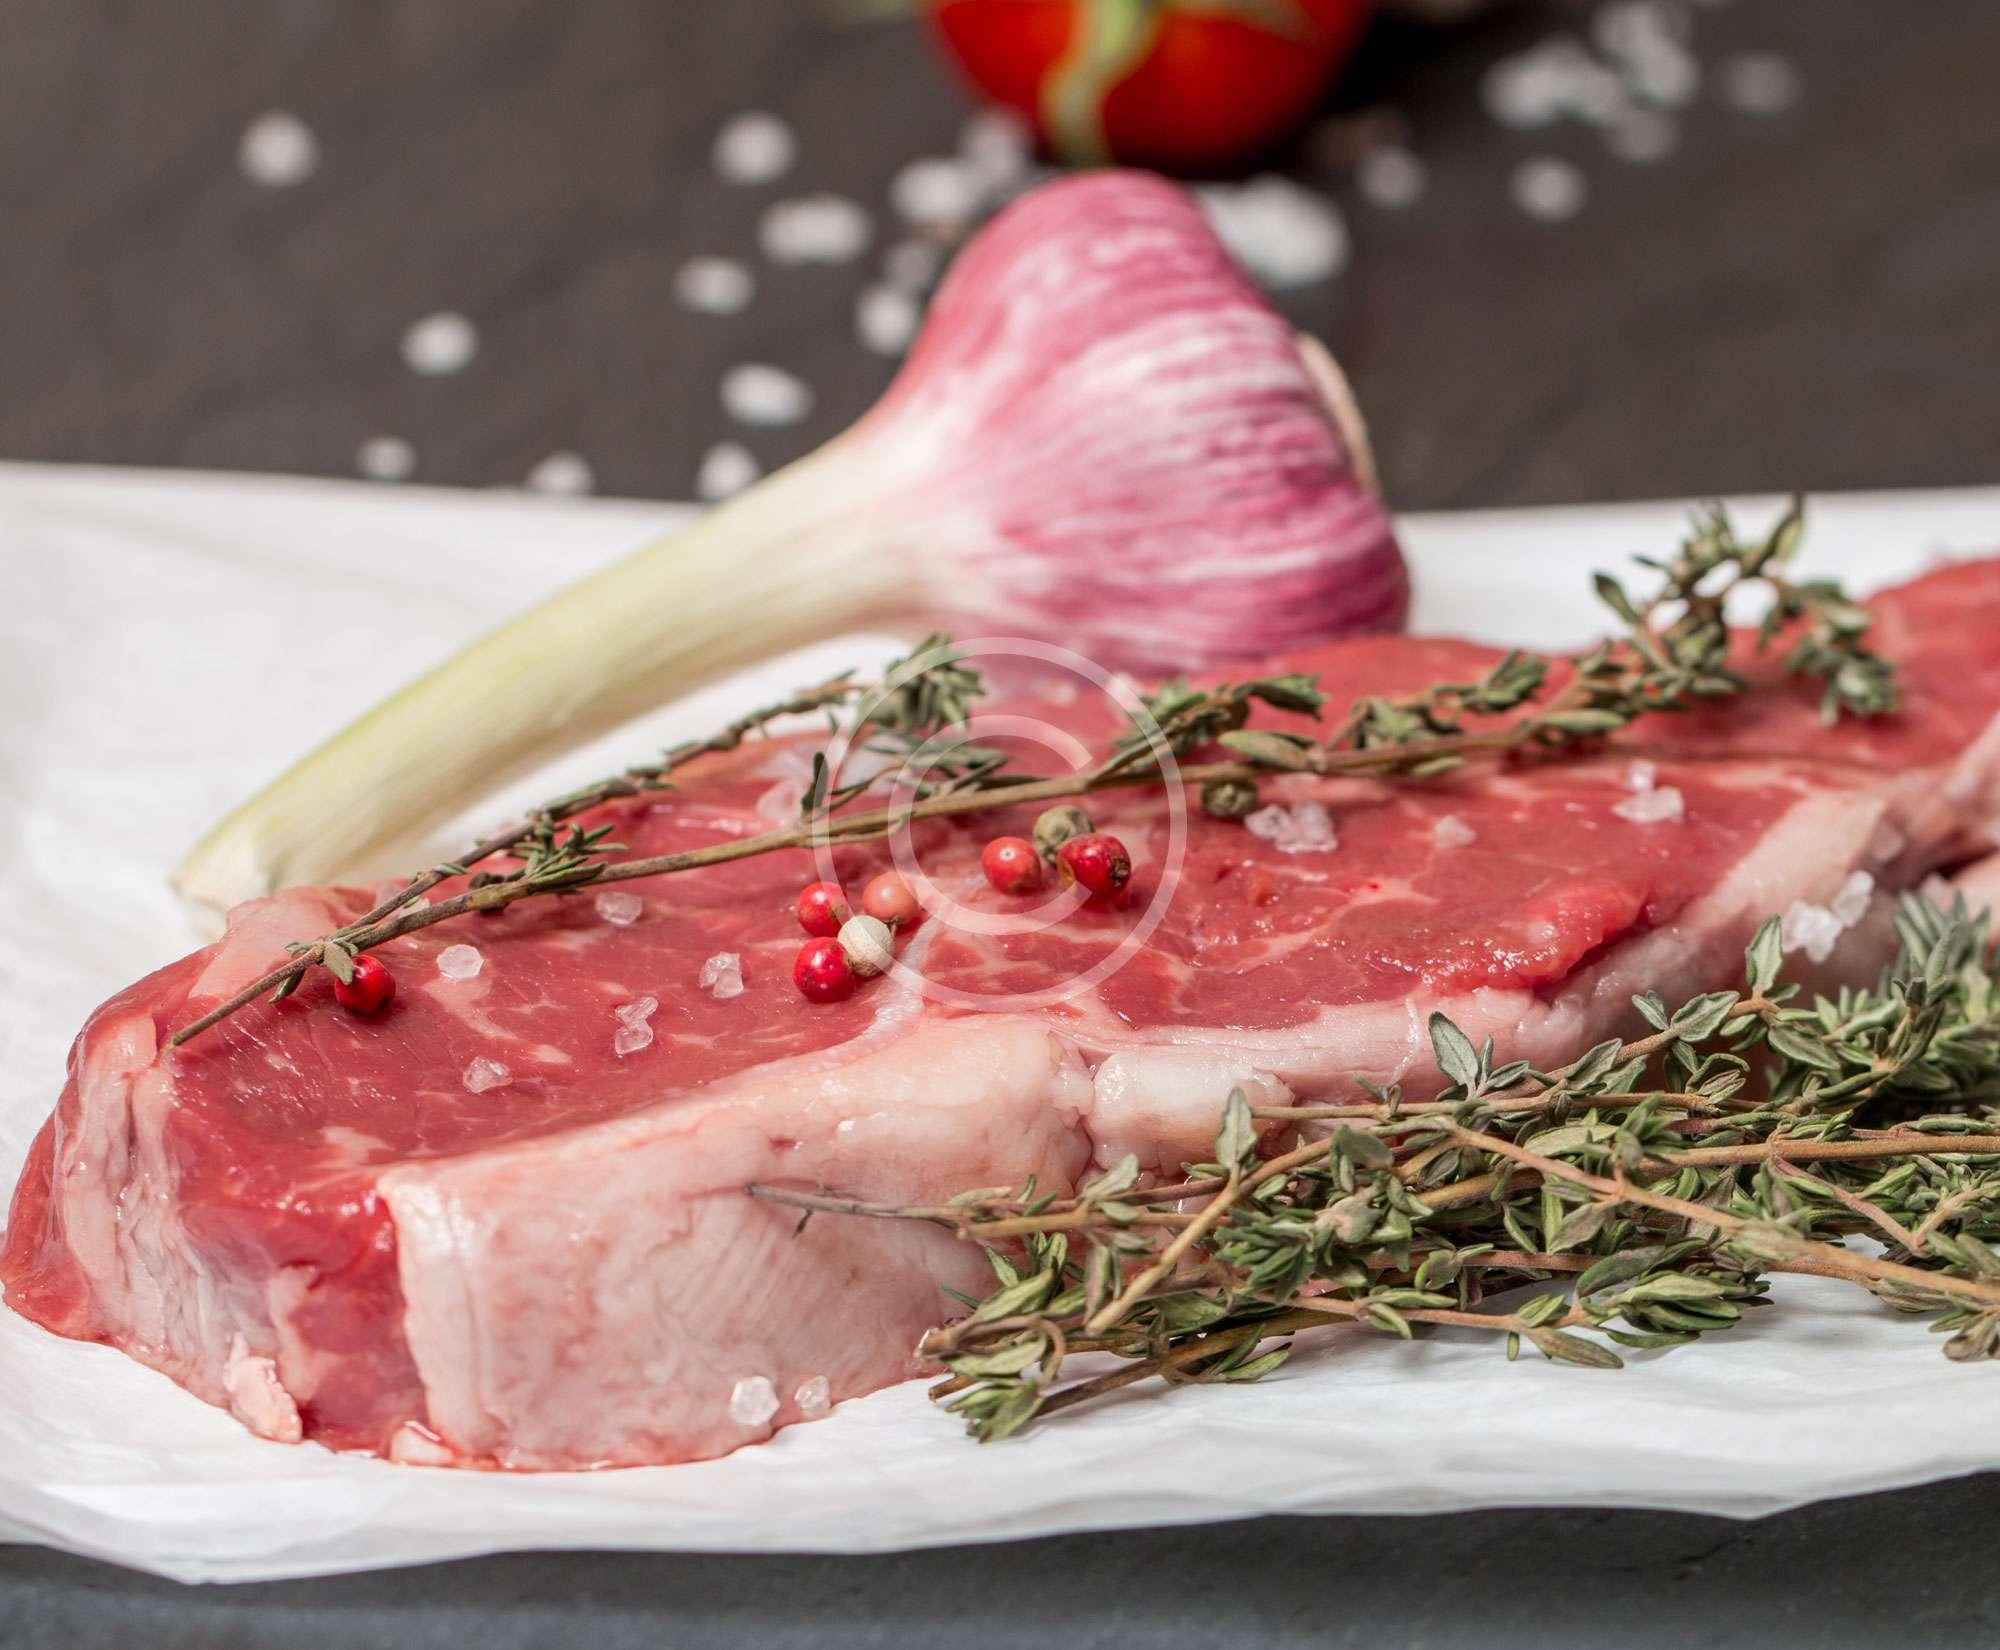 Marinated Beef Steak